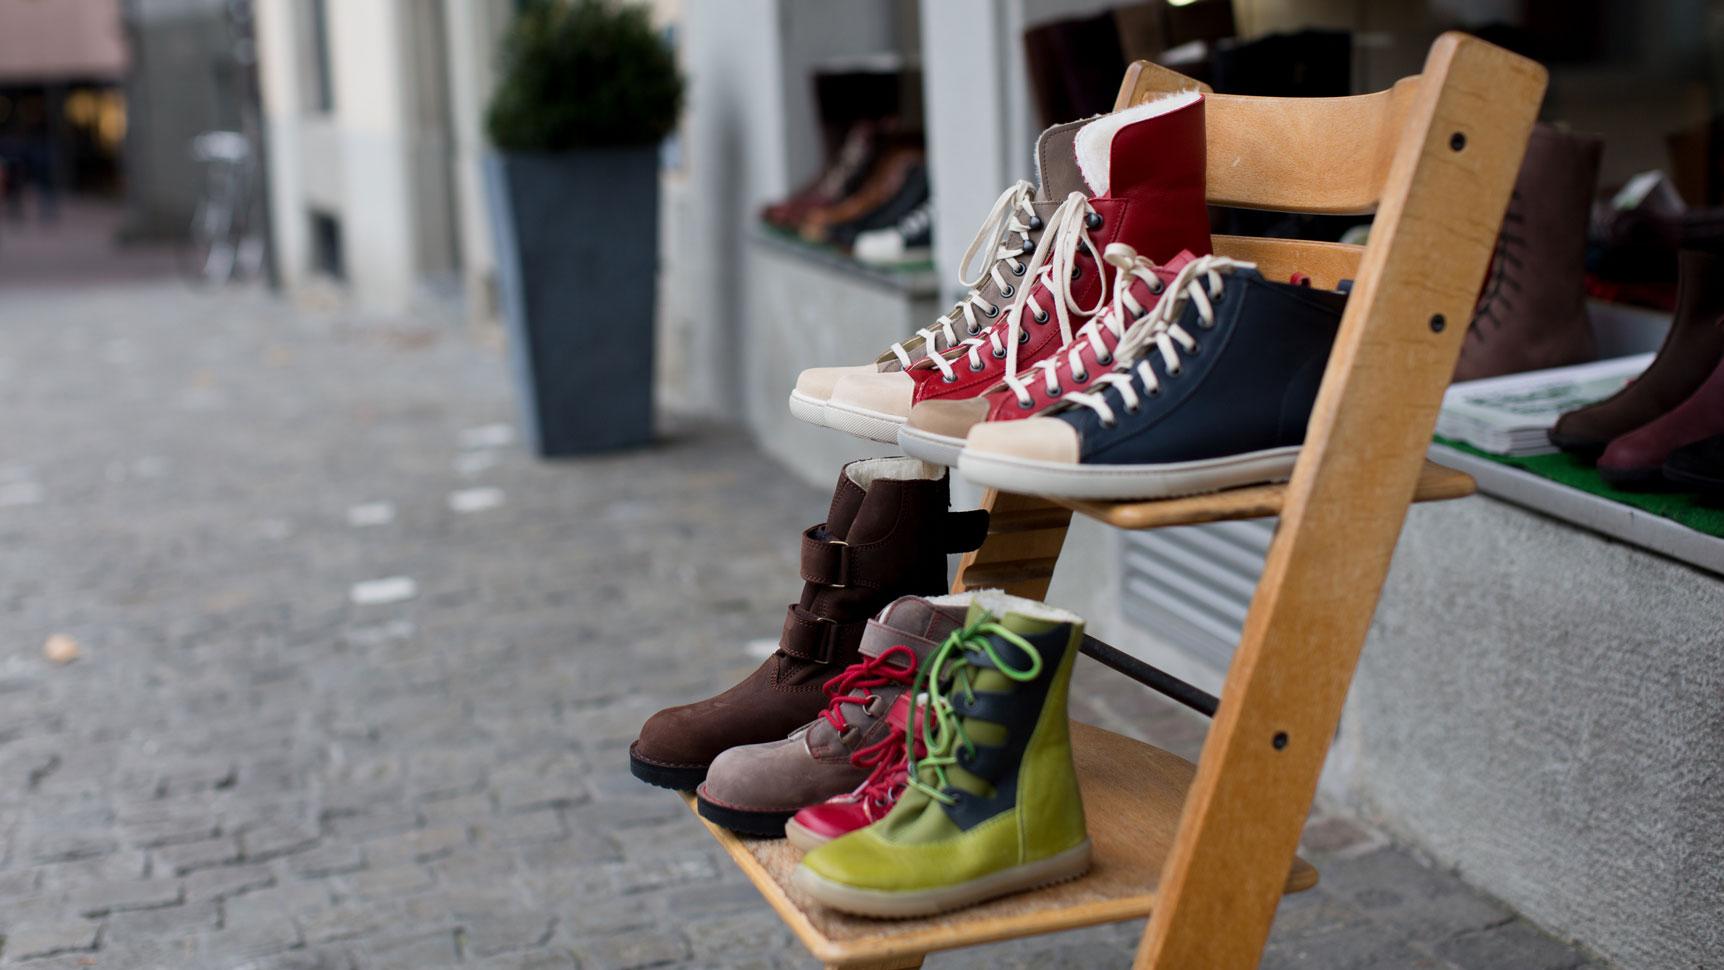 Familienberatung Schuhe auf Stuhl